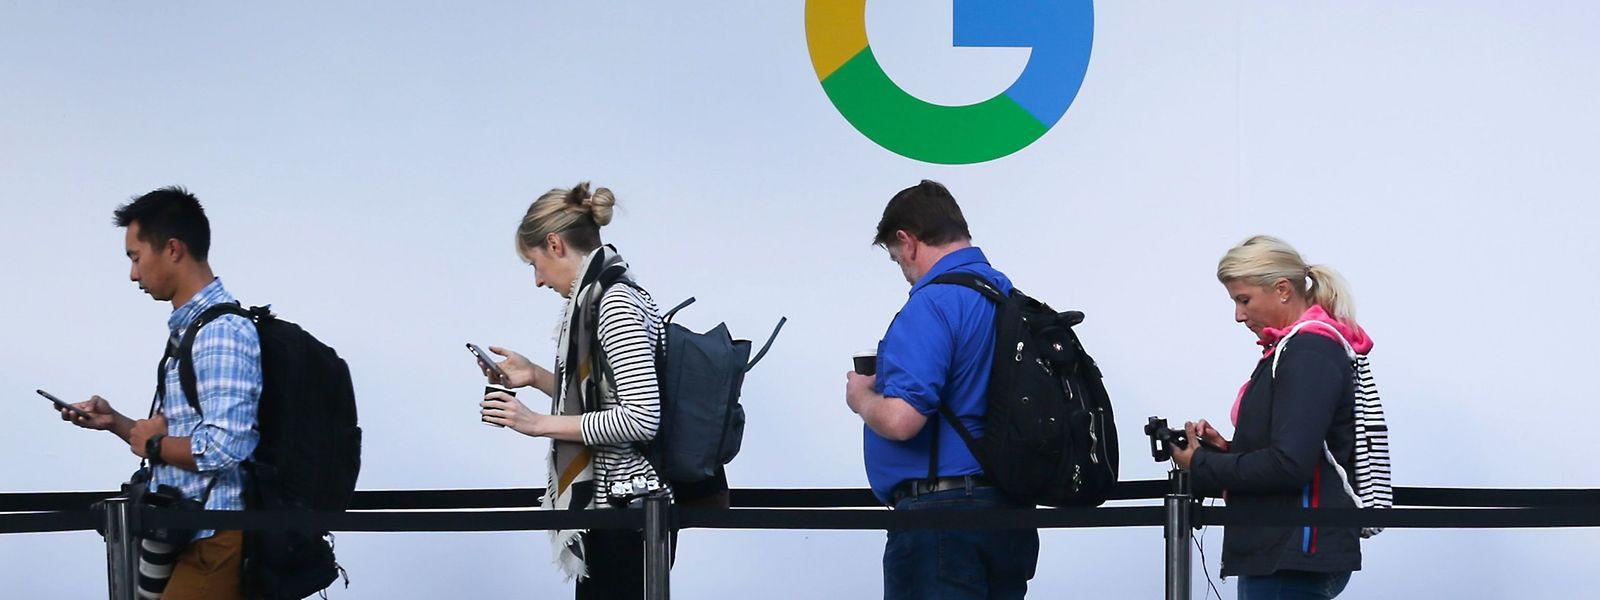 Anhand der Lokalisierung von Handy-Daten können Ökonomen nun das Aktivitätsniveau eines Landes fast in Echtzeit erkennen.